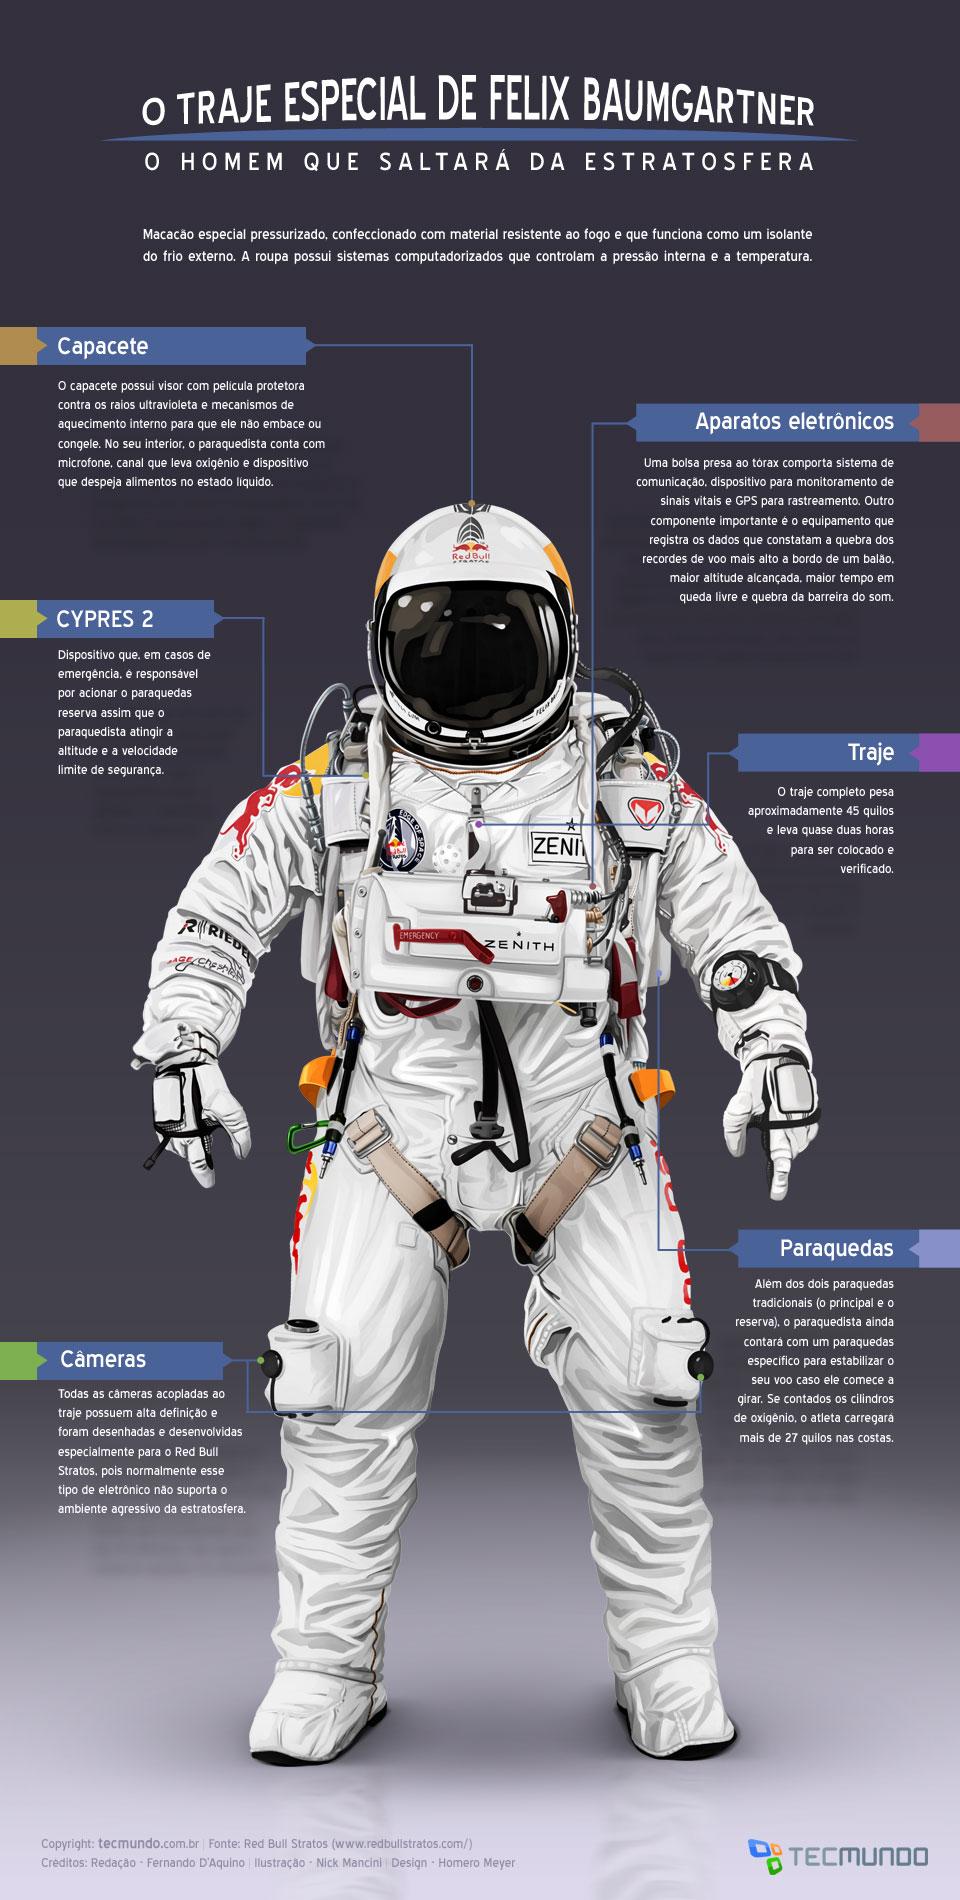 Como é o traje especial do homem que saltará da estratosfera? [ilustração]